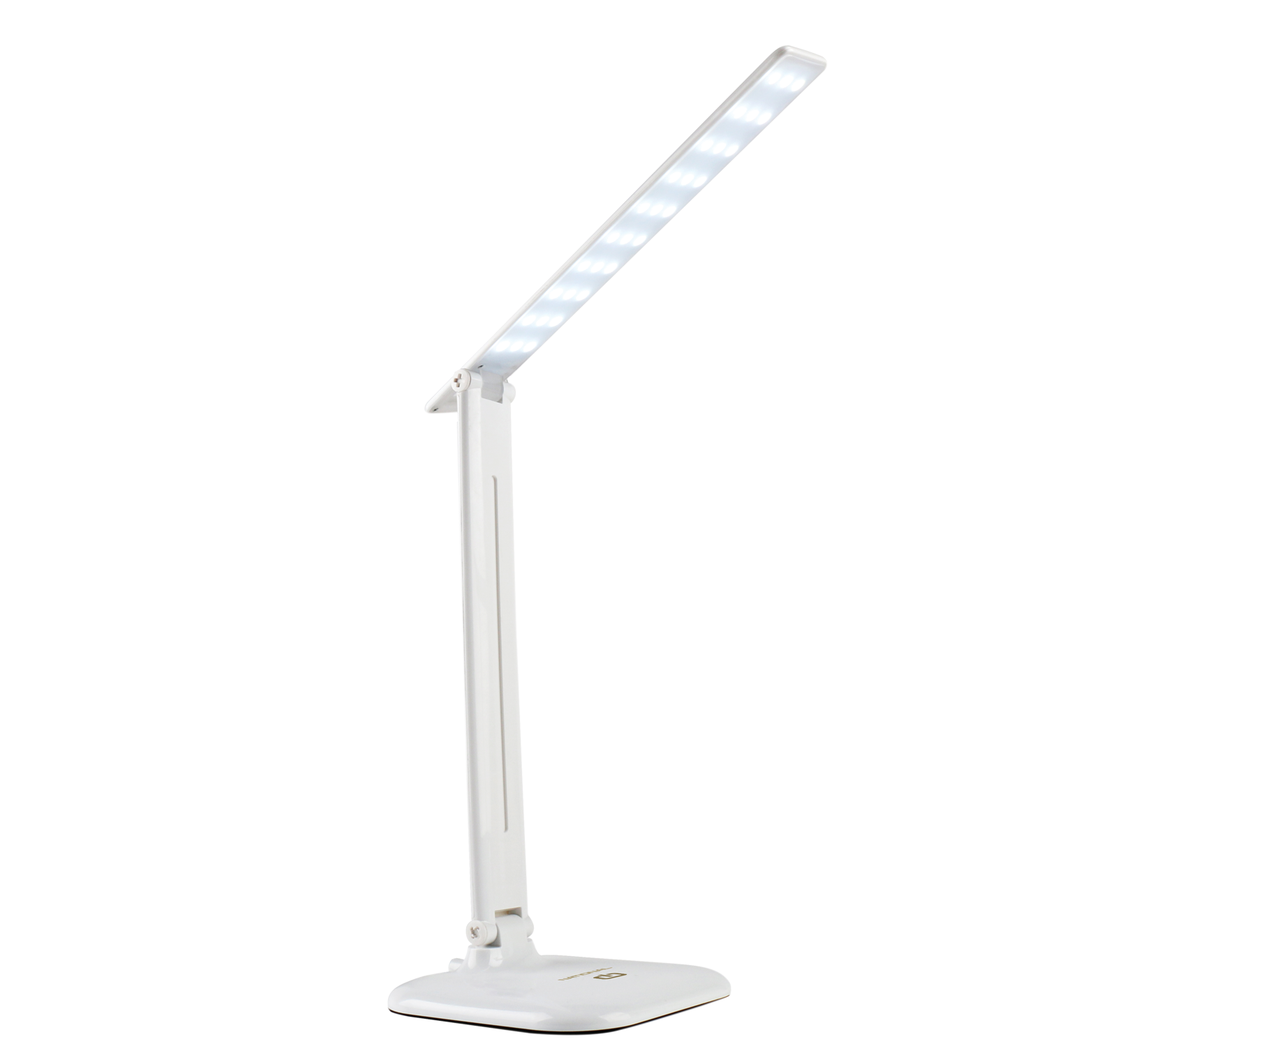 NL31 (белый, настольный светодиодный светильник на подставке, 9В)